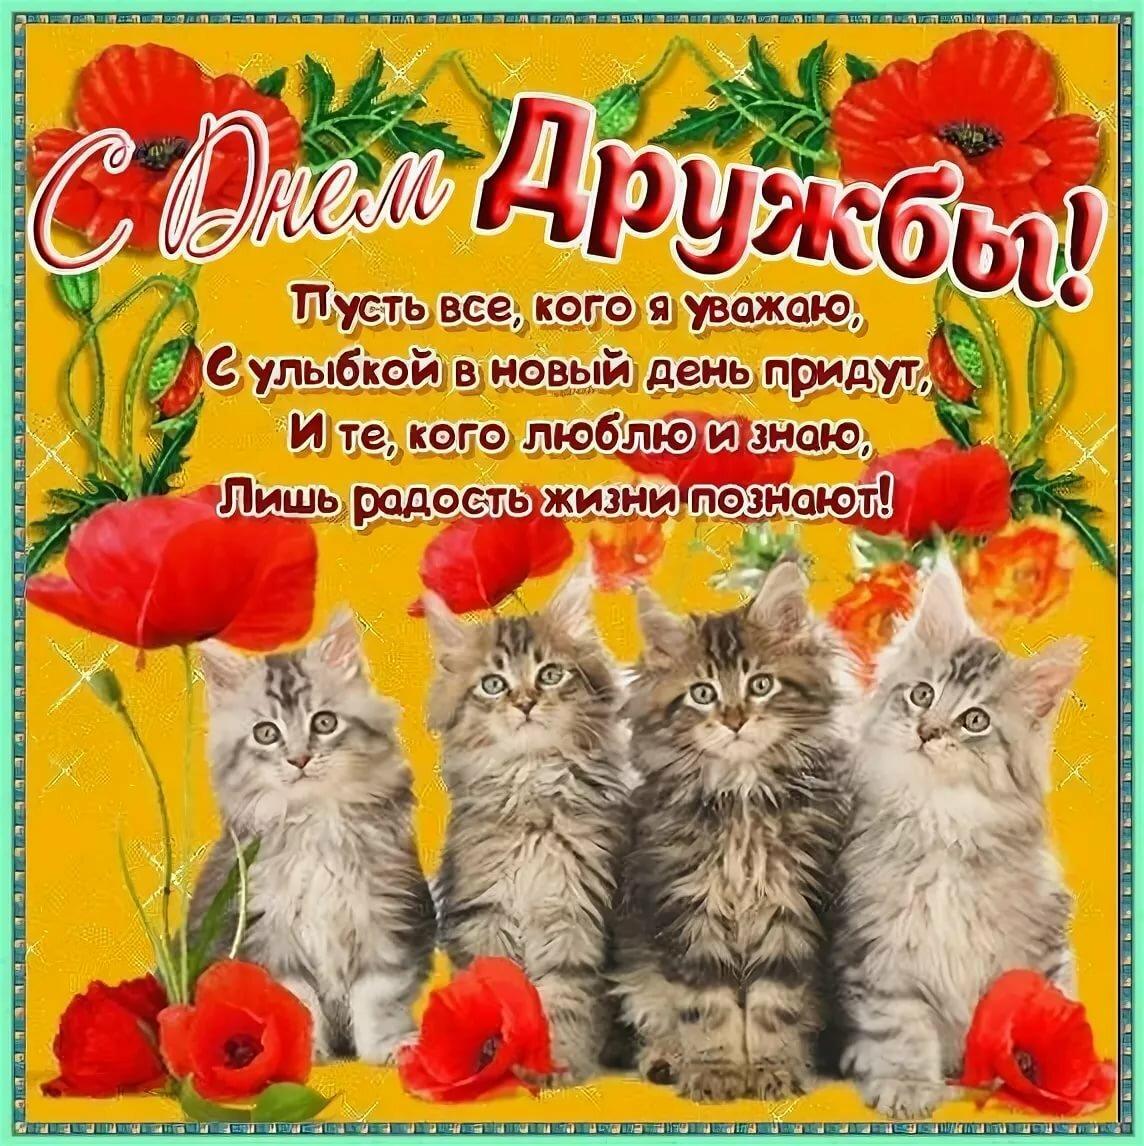 Картинки с поздравлением на день друзей